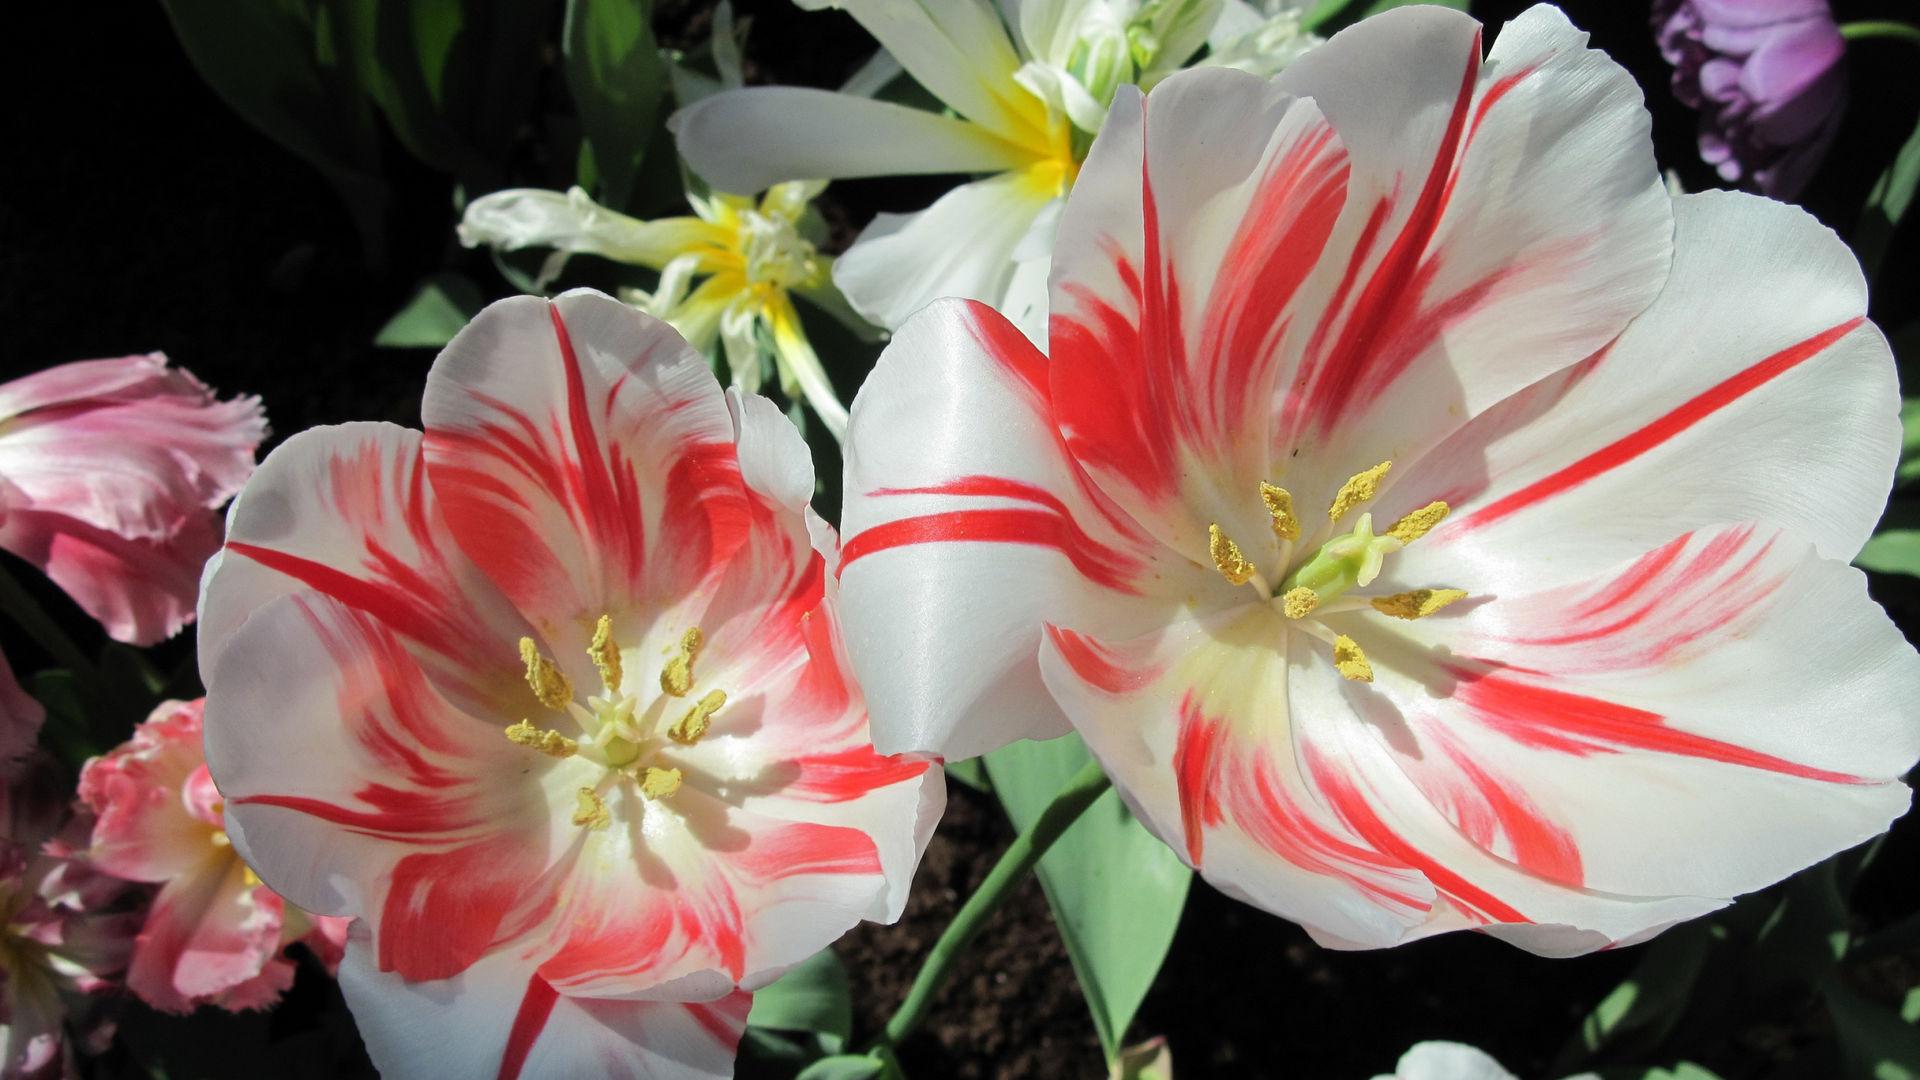 a6d68baa28c Обои цветы 1920x1080 картинки фото HD обои цветы 1920x1080 скачать ...